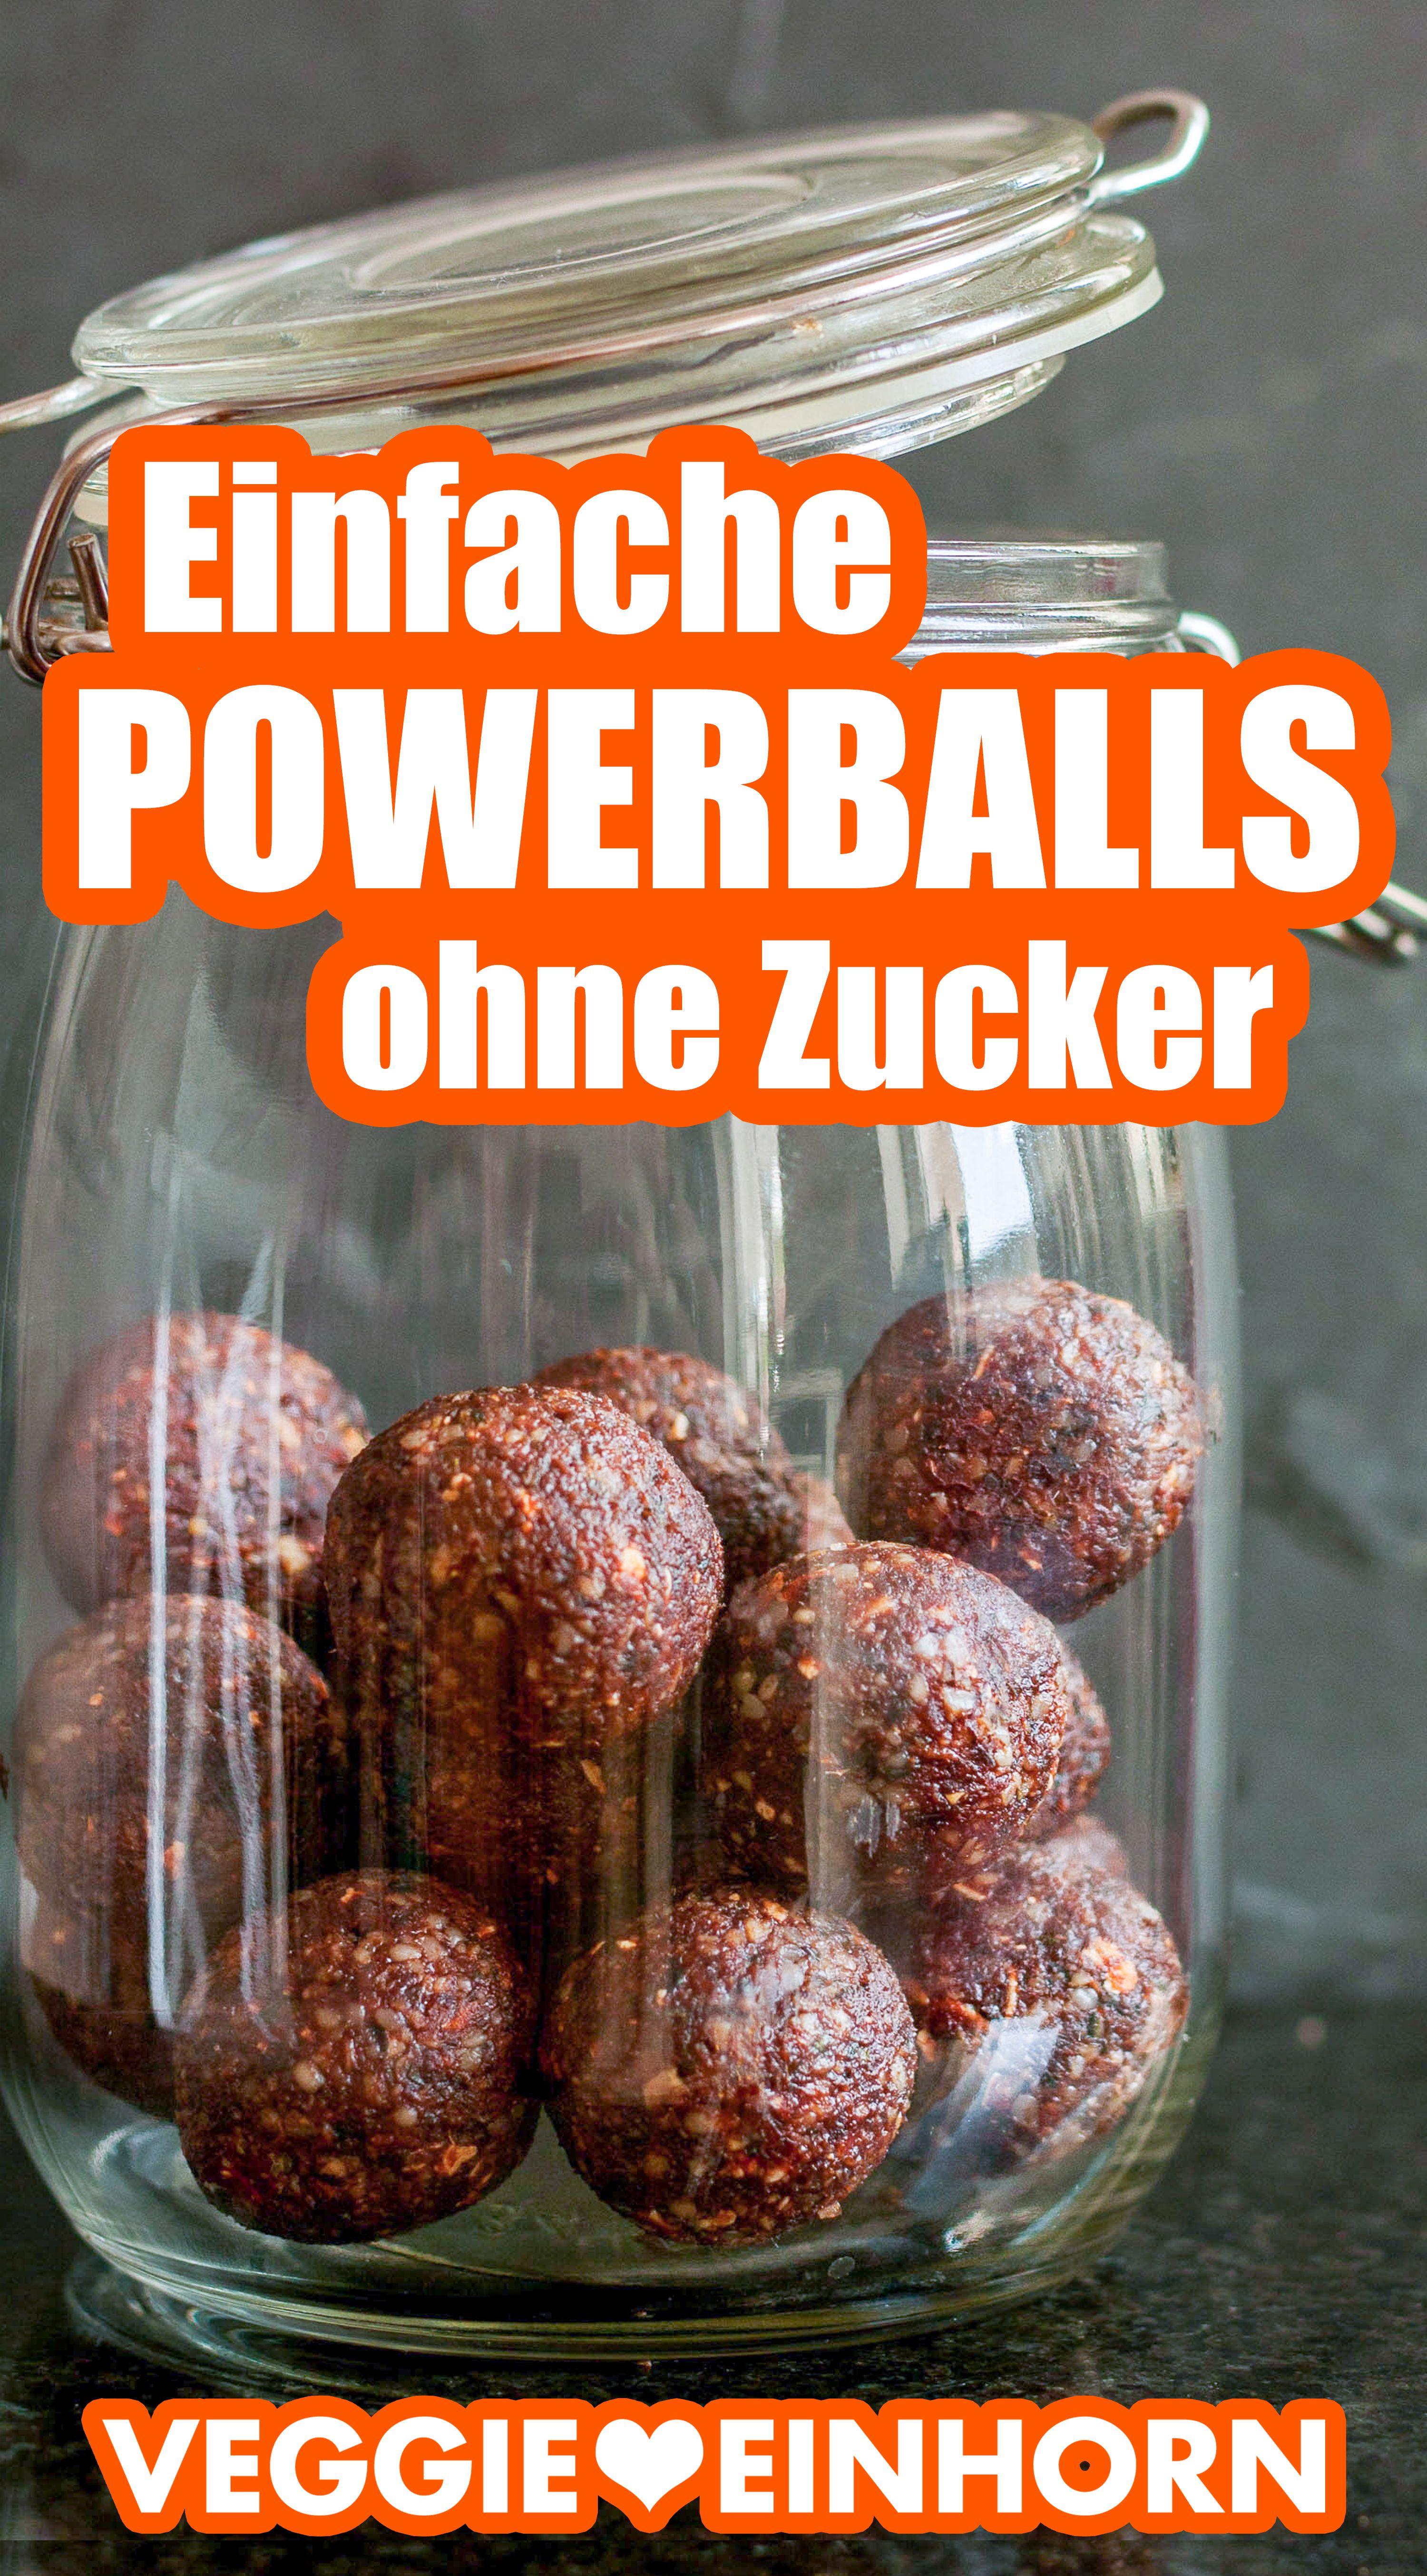 Einfaches Powerball Rezept mit 3 Zutaten | Gesunde Energiebällchen ohne Zucker | Vegane Energy Balls